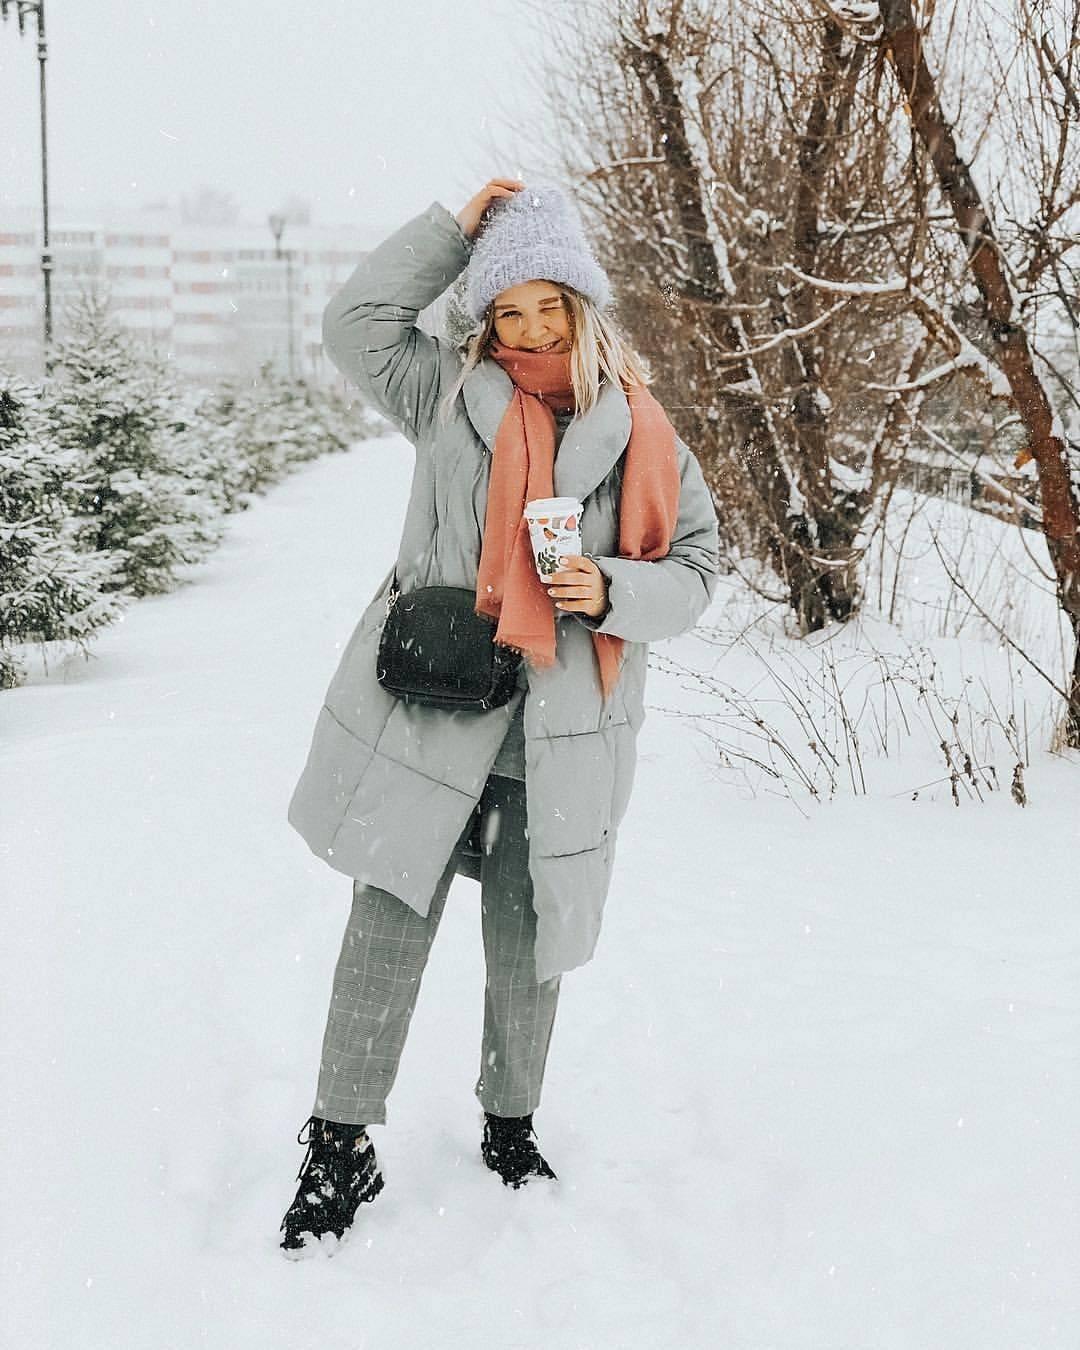 Красивая зимняя фотосессия на улице – для девушек, пары, семейная, с детьми, беременных, с подругой, в городе, парке, в шубе, свитере